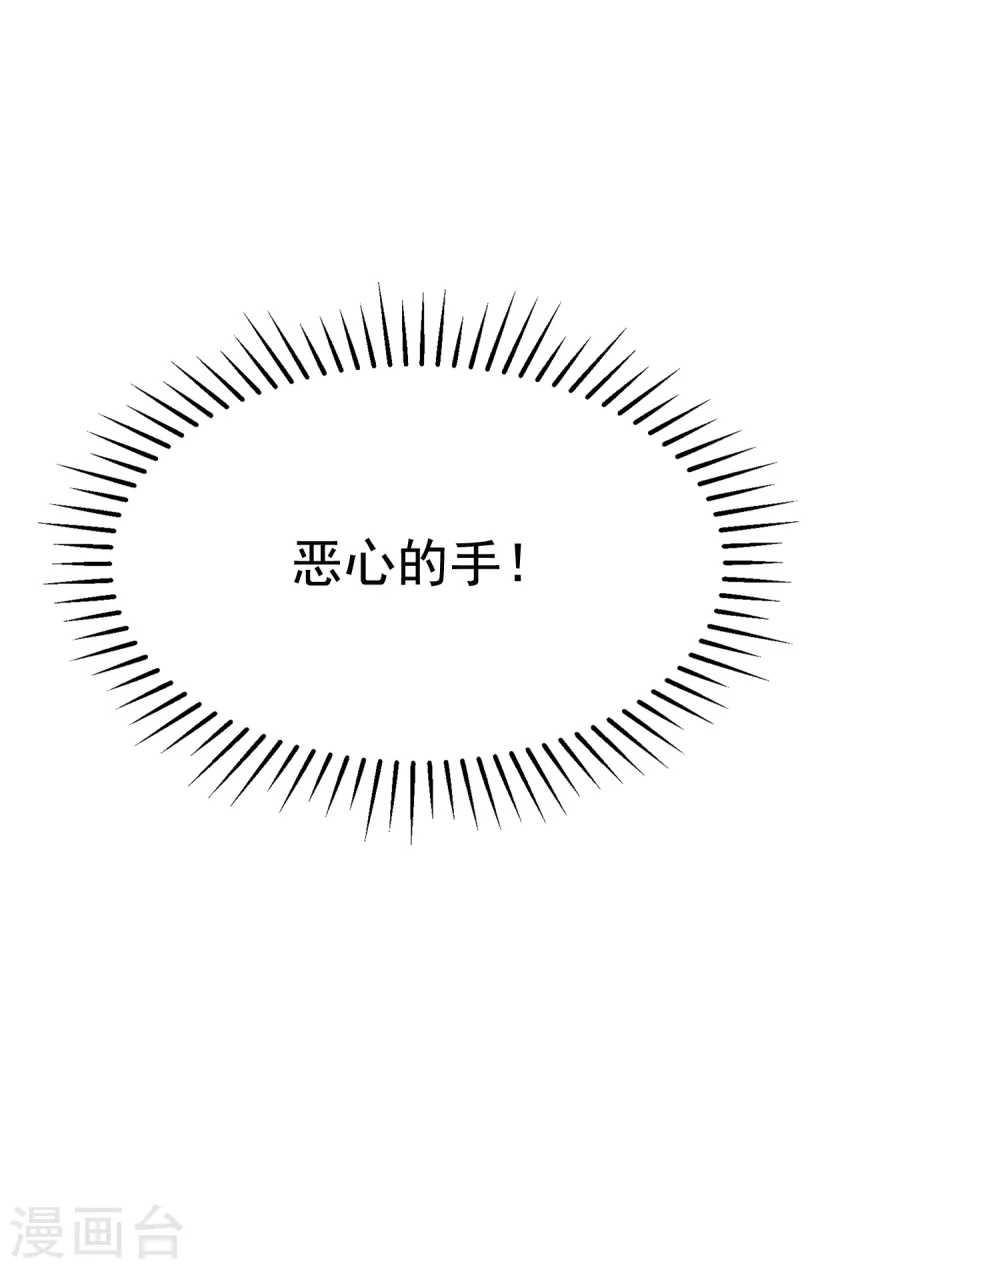 【漫画更新】渣男总裁别想跑